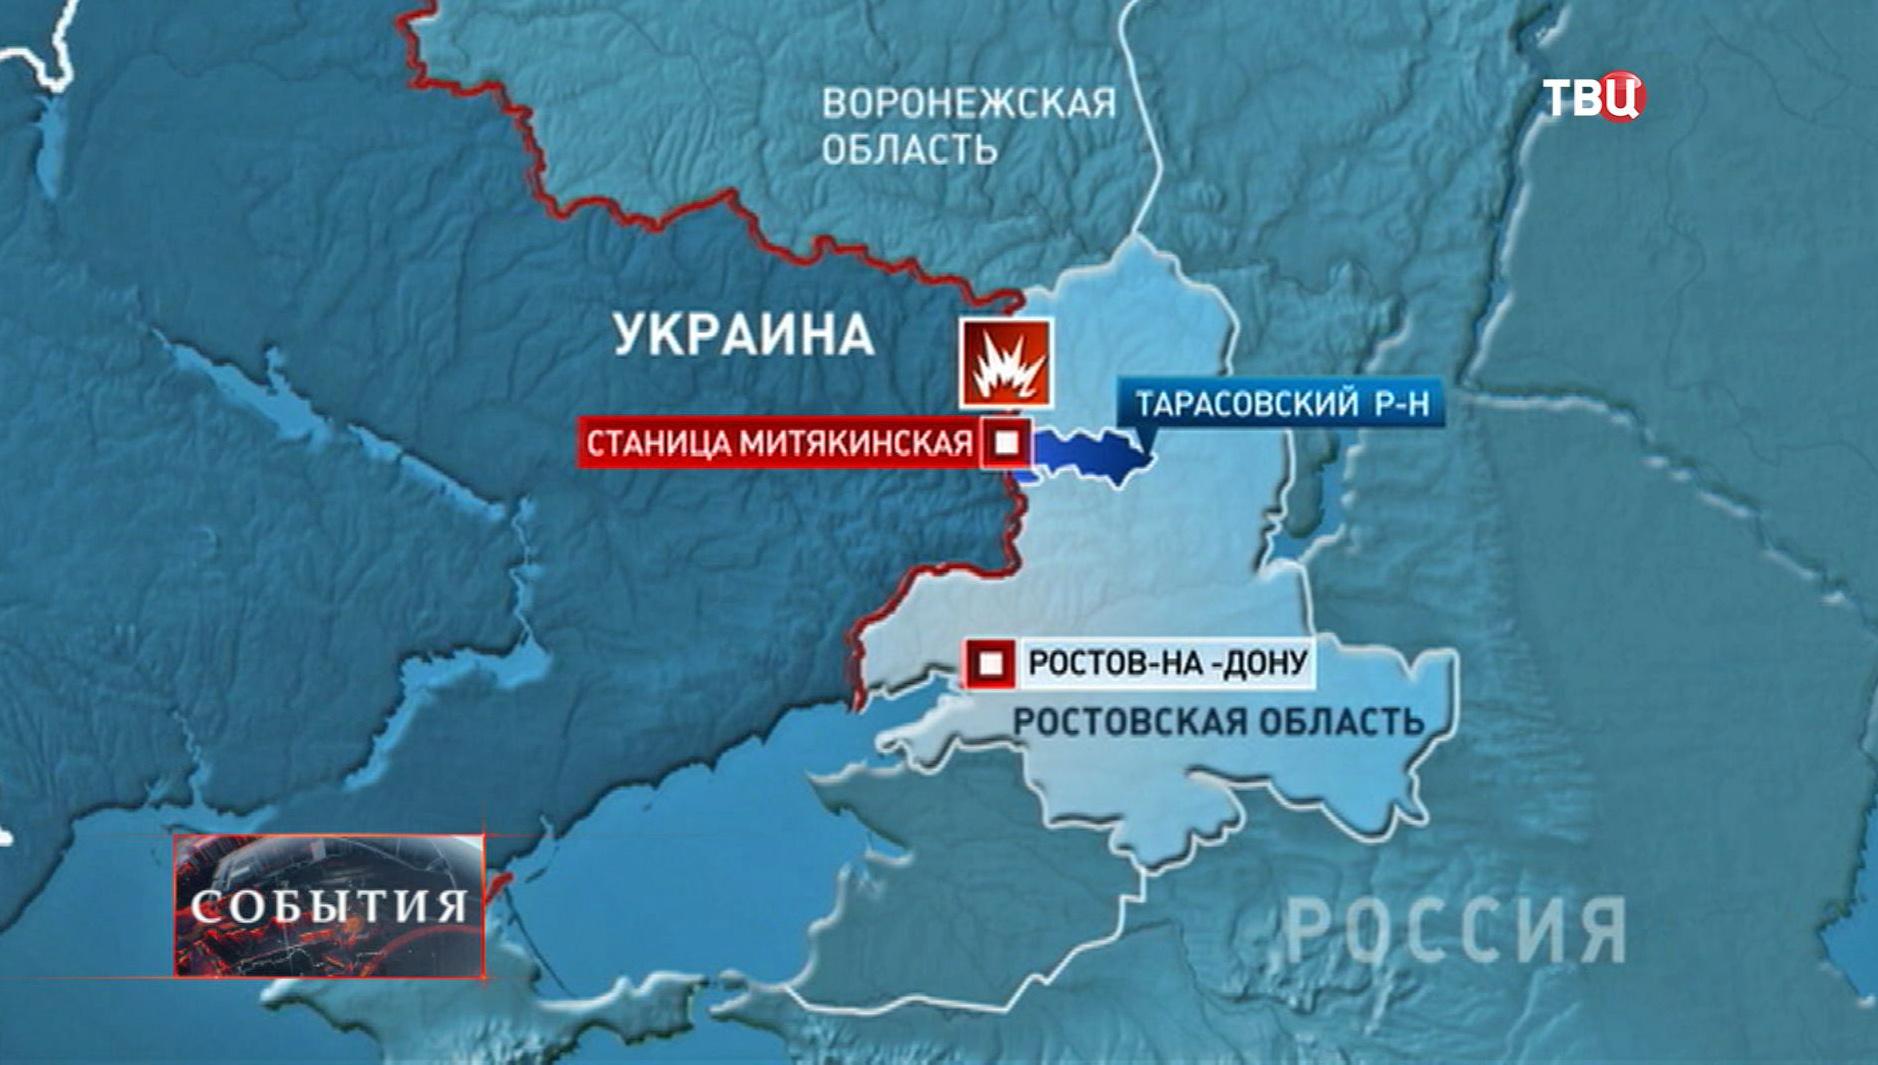 Станица Митякинская на карте, где произошли взрывы снарядов украинской армии